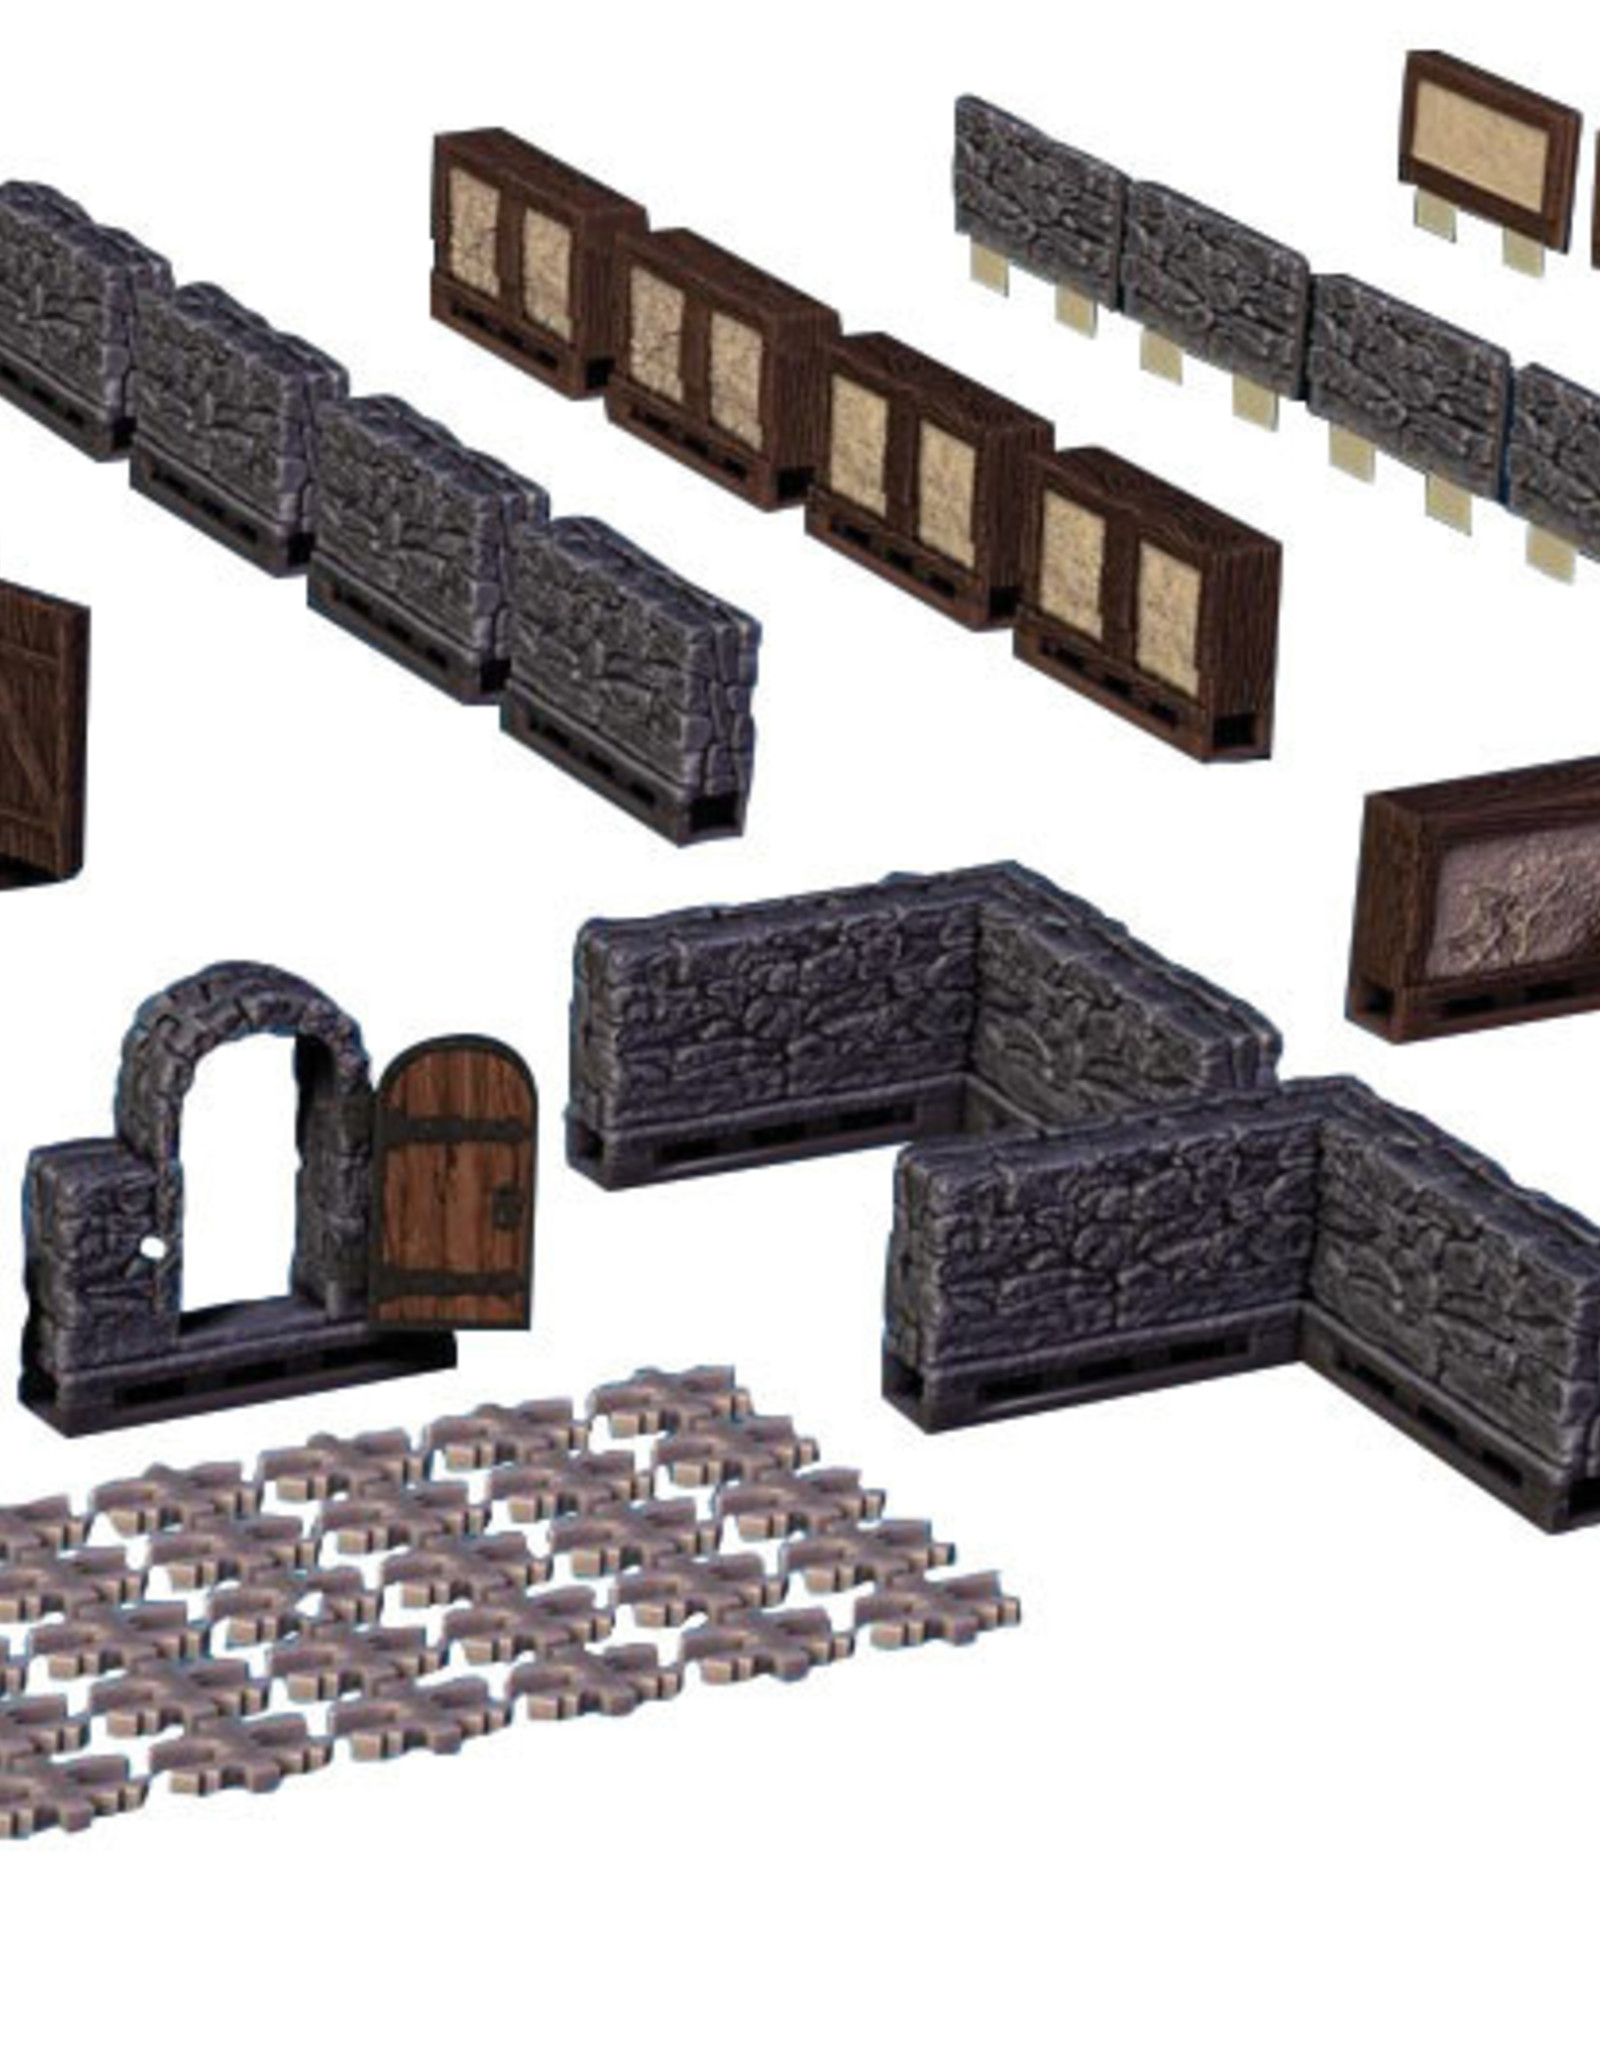 WarLock Tiles: Expansion Box I